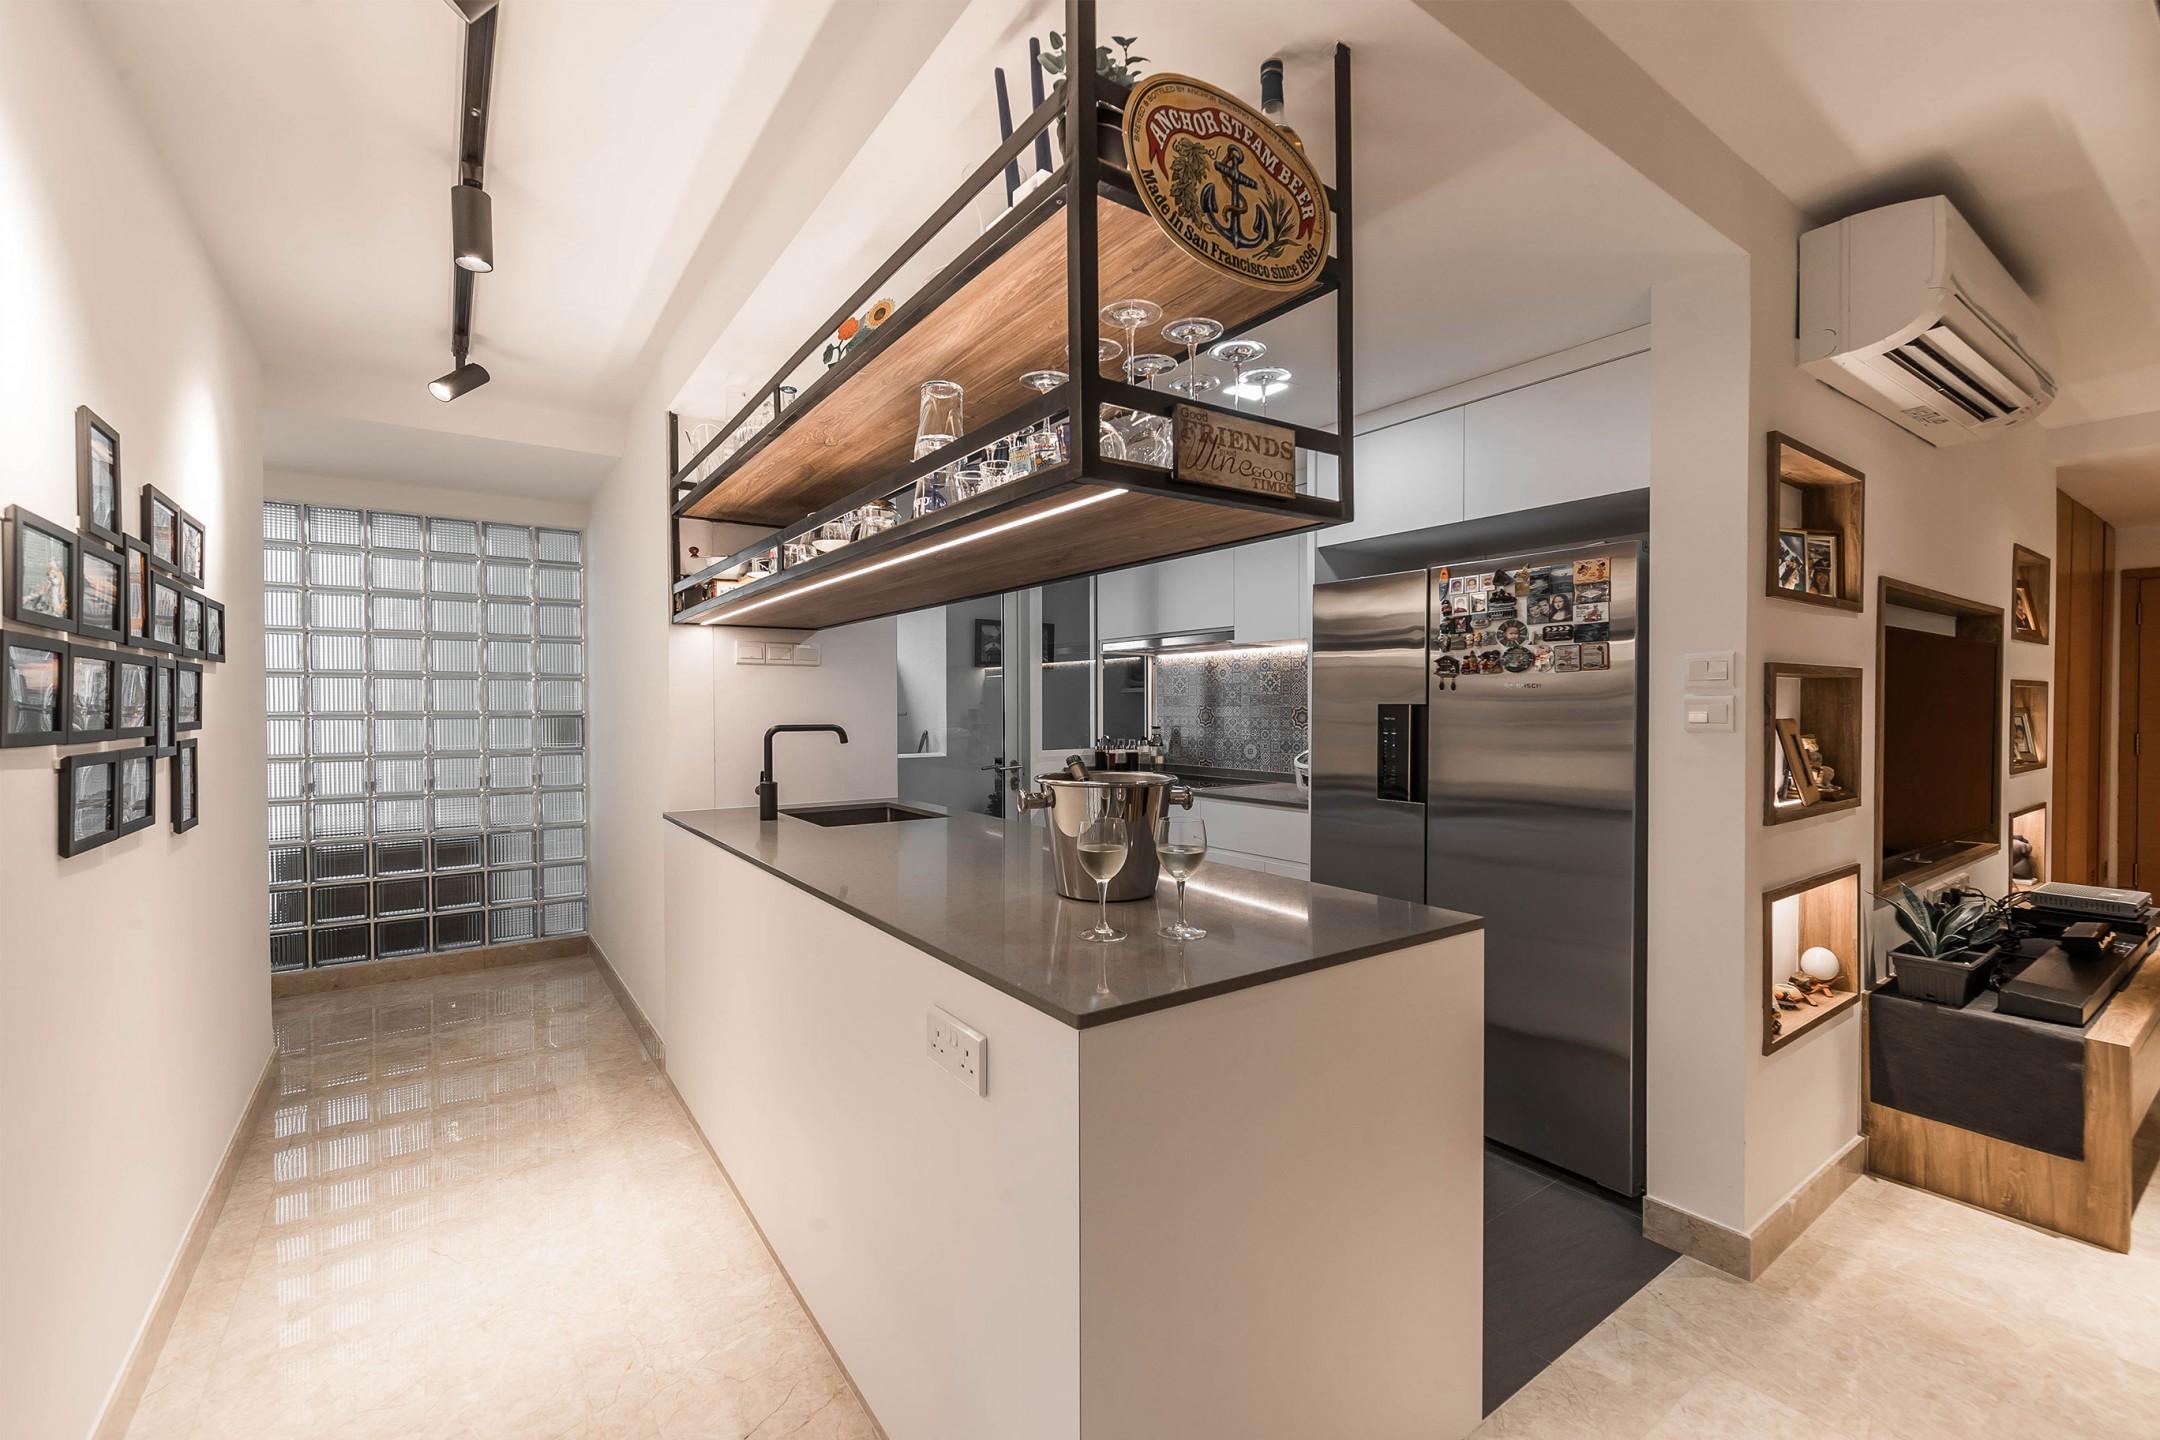 squarerooms renozone condo condominium renovation home interior design kitchen industrial rustic metal wood tavern inspired